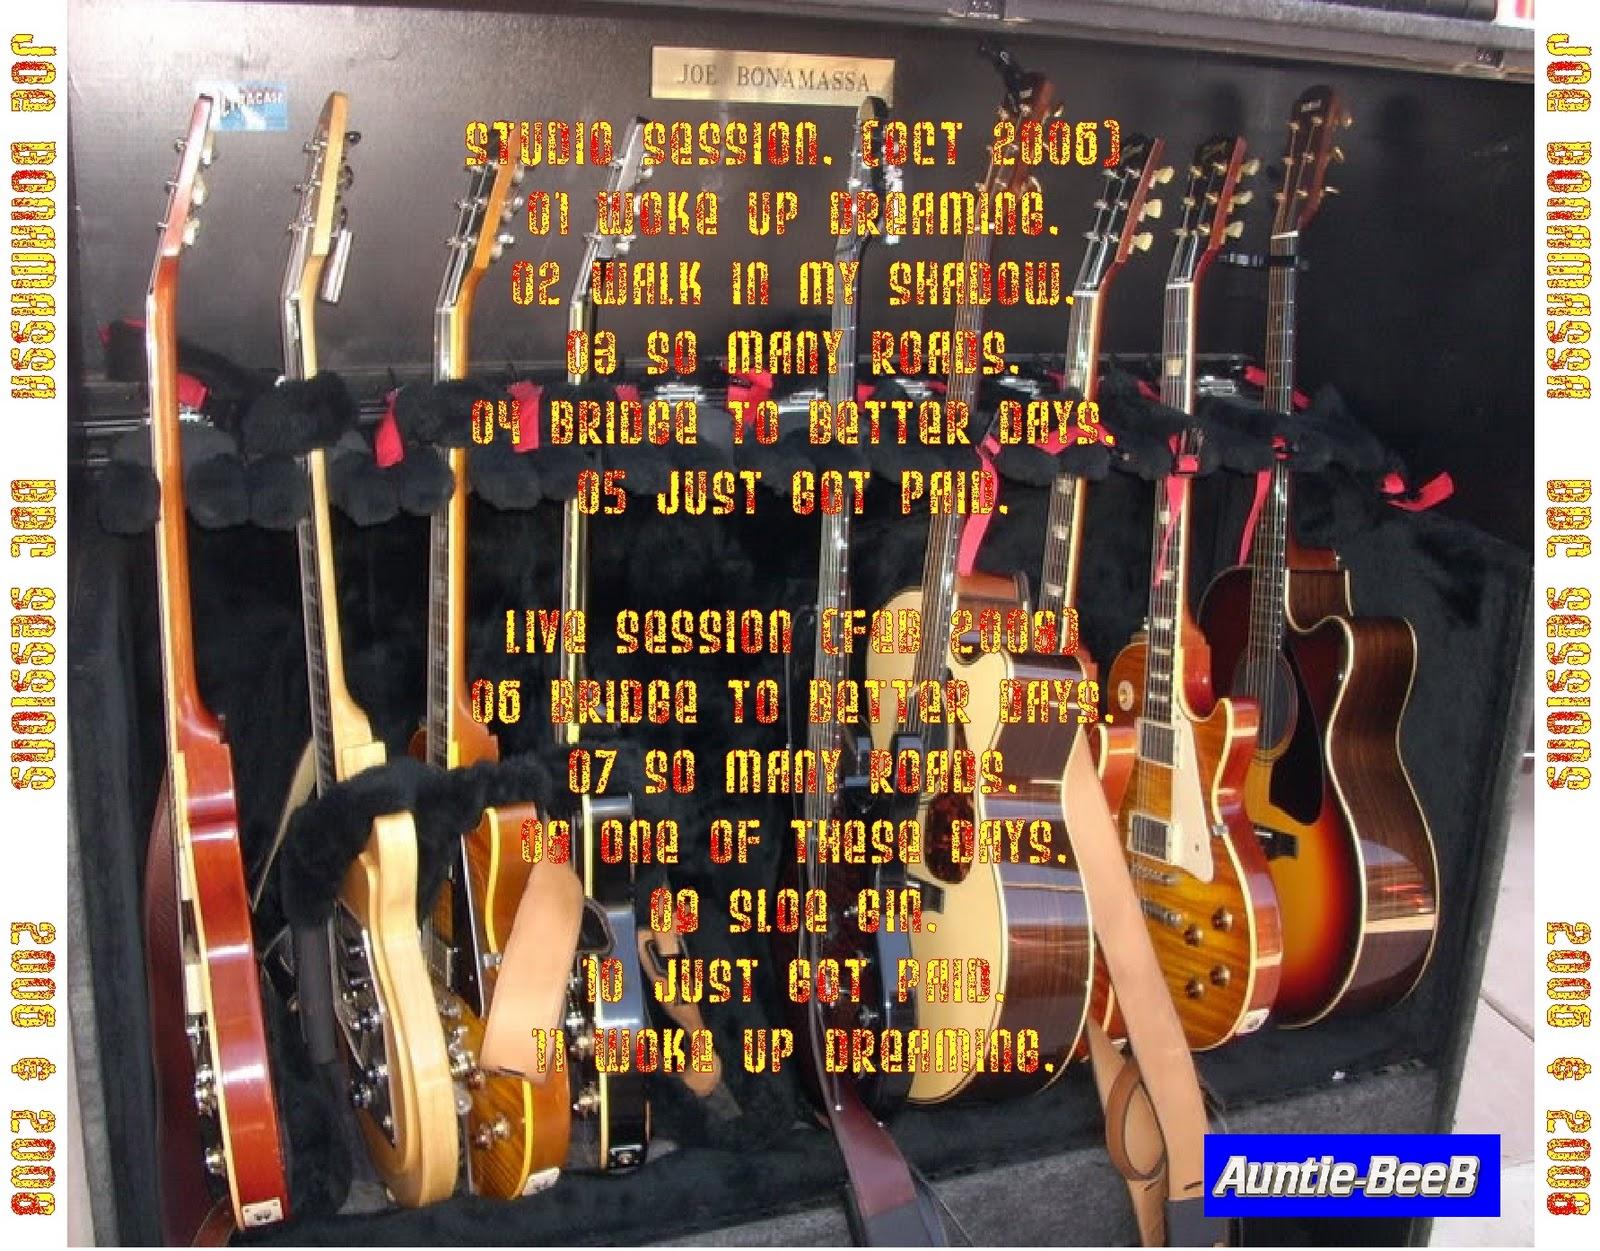 http://1.bp.blogspot.com/_uk6NKPKF_7U/TL2Qk7-vh9I/AAAAAAAAA4g/a4R4jsHPPBA/s1600/Back.jpg